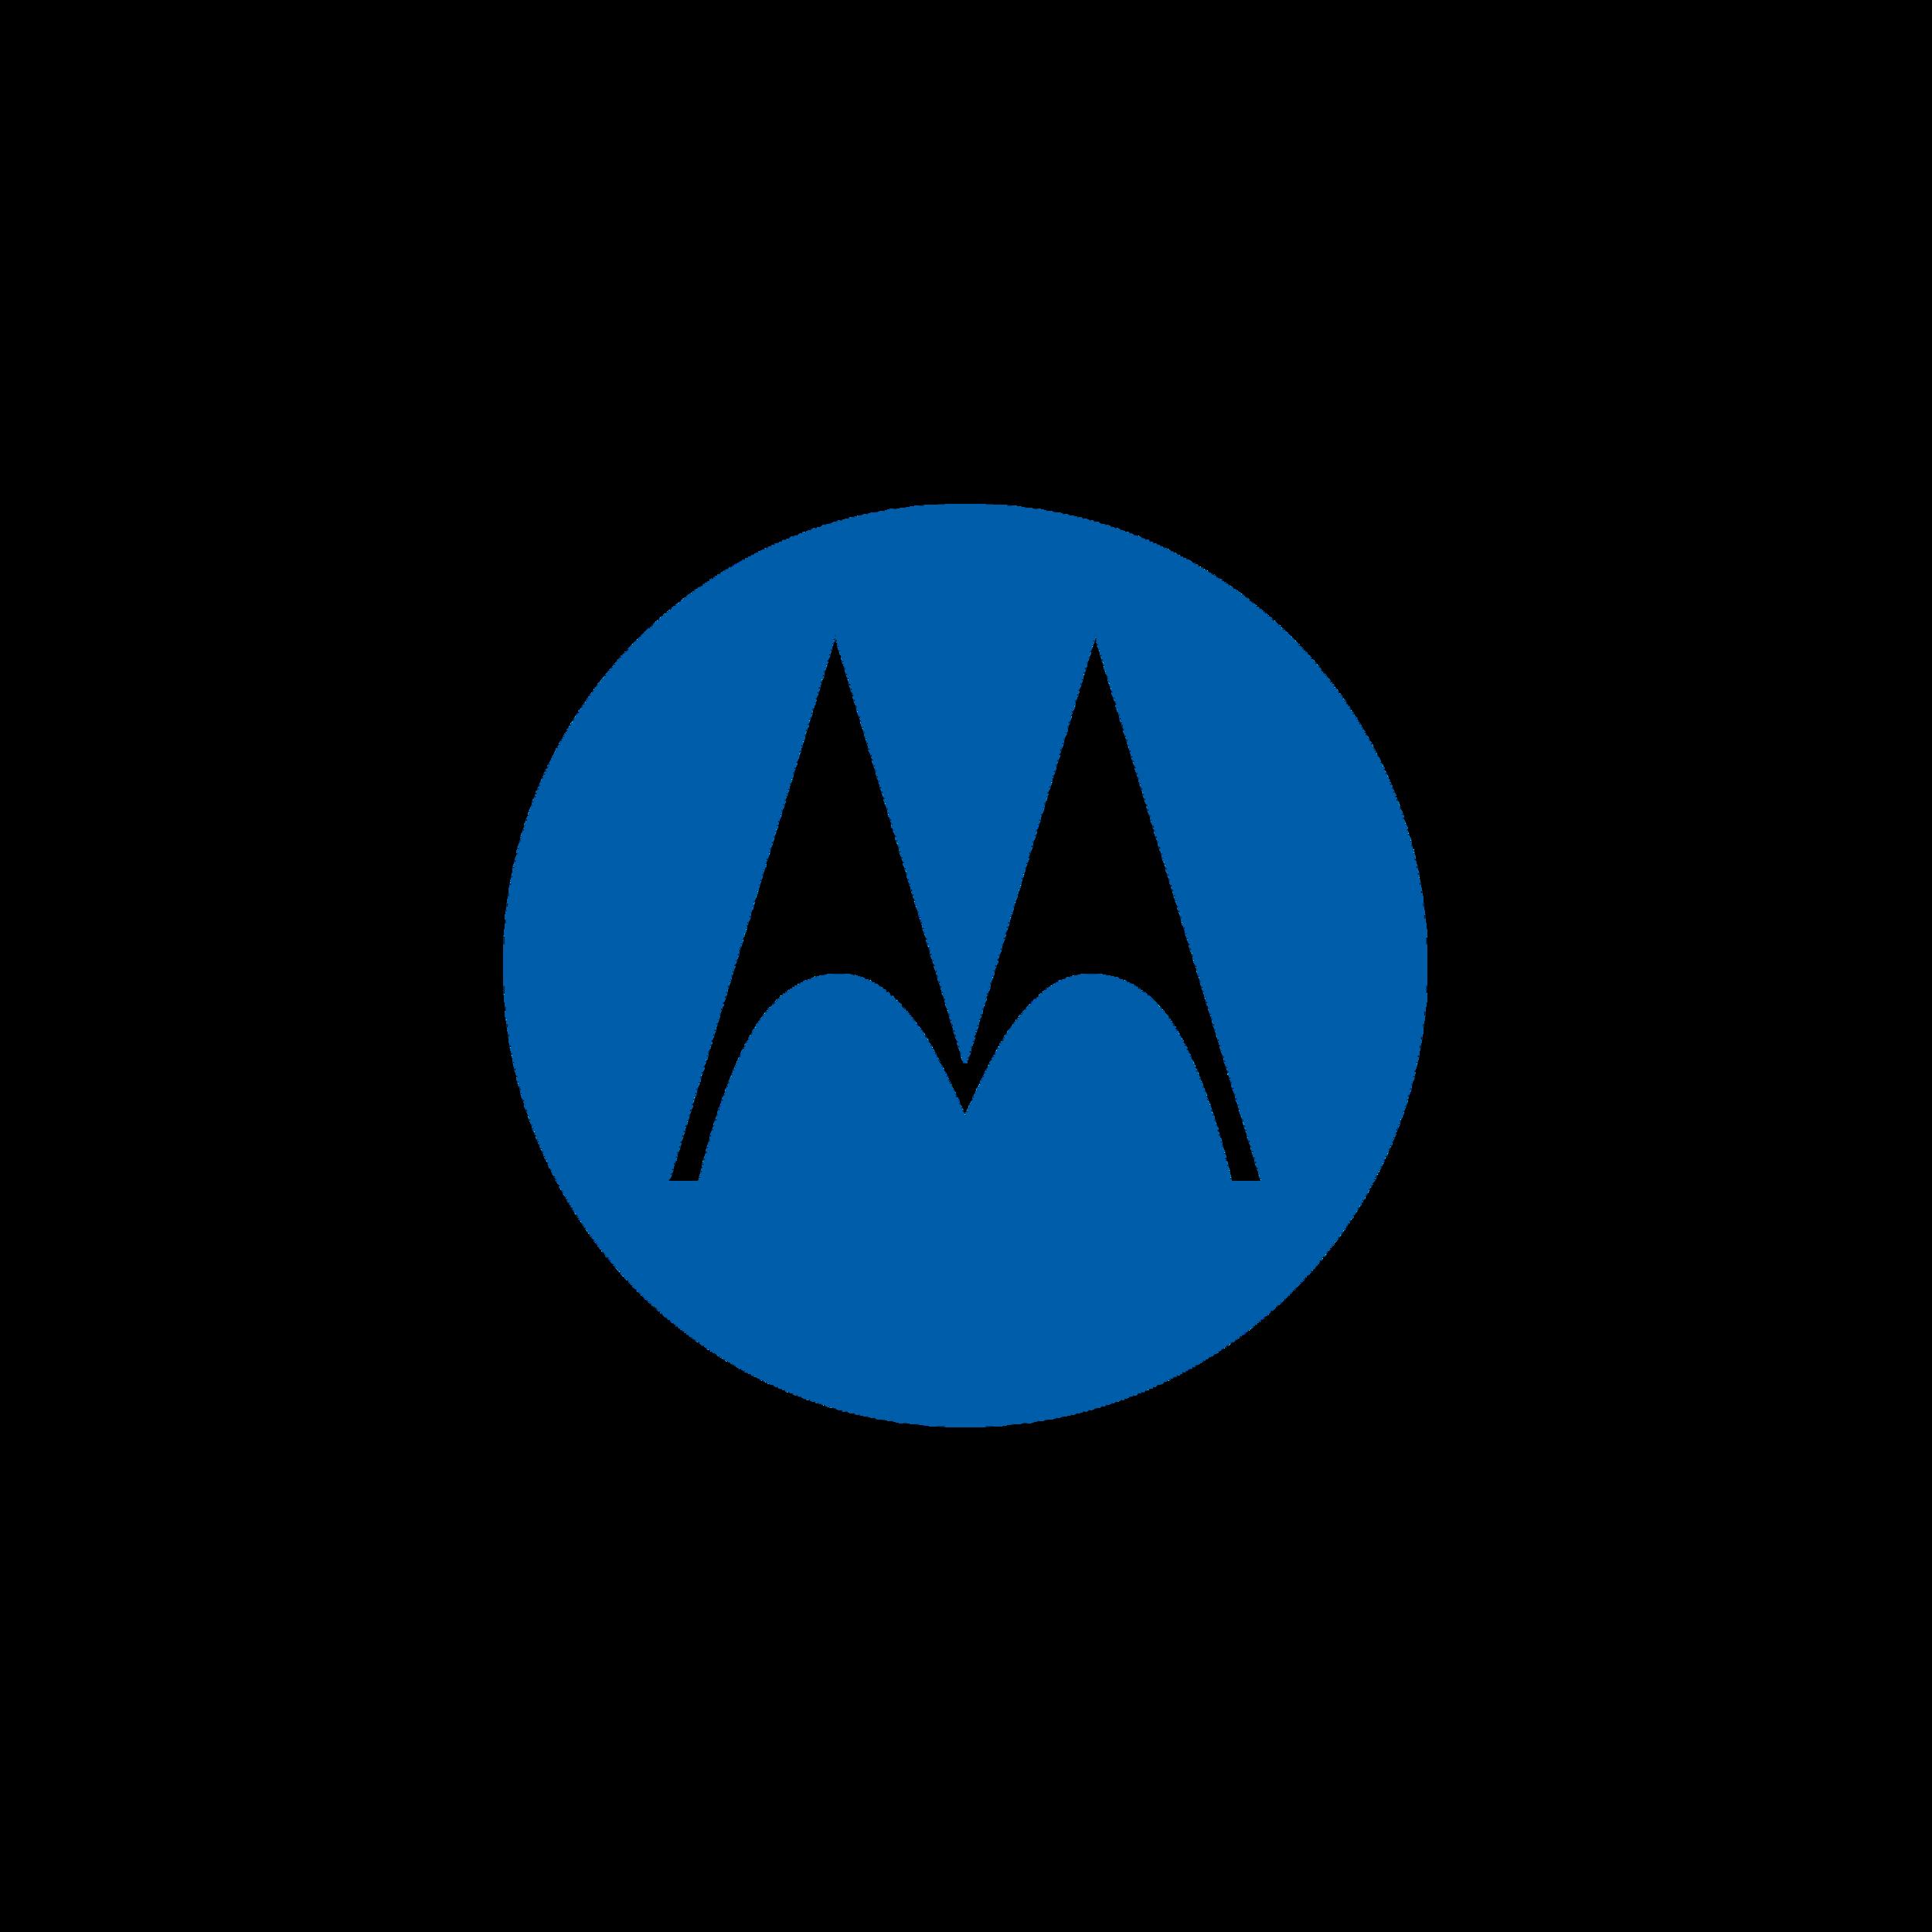 Motorola-01.png